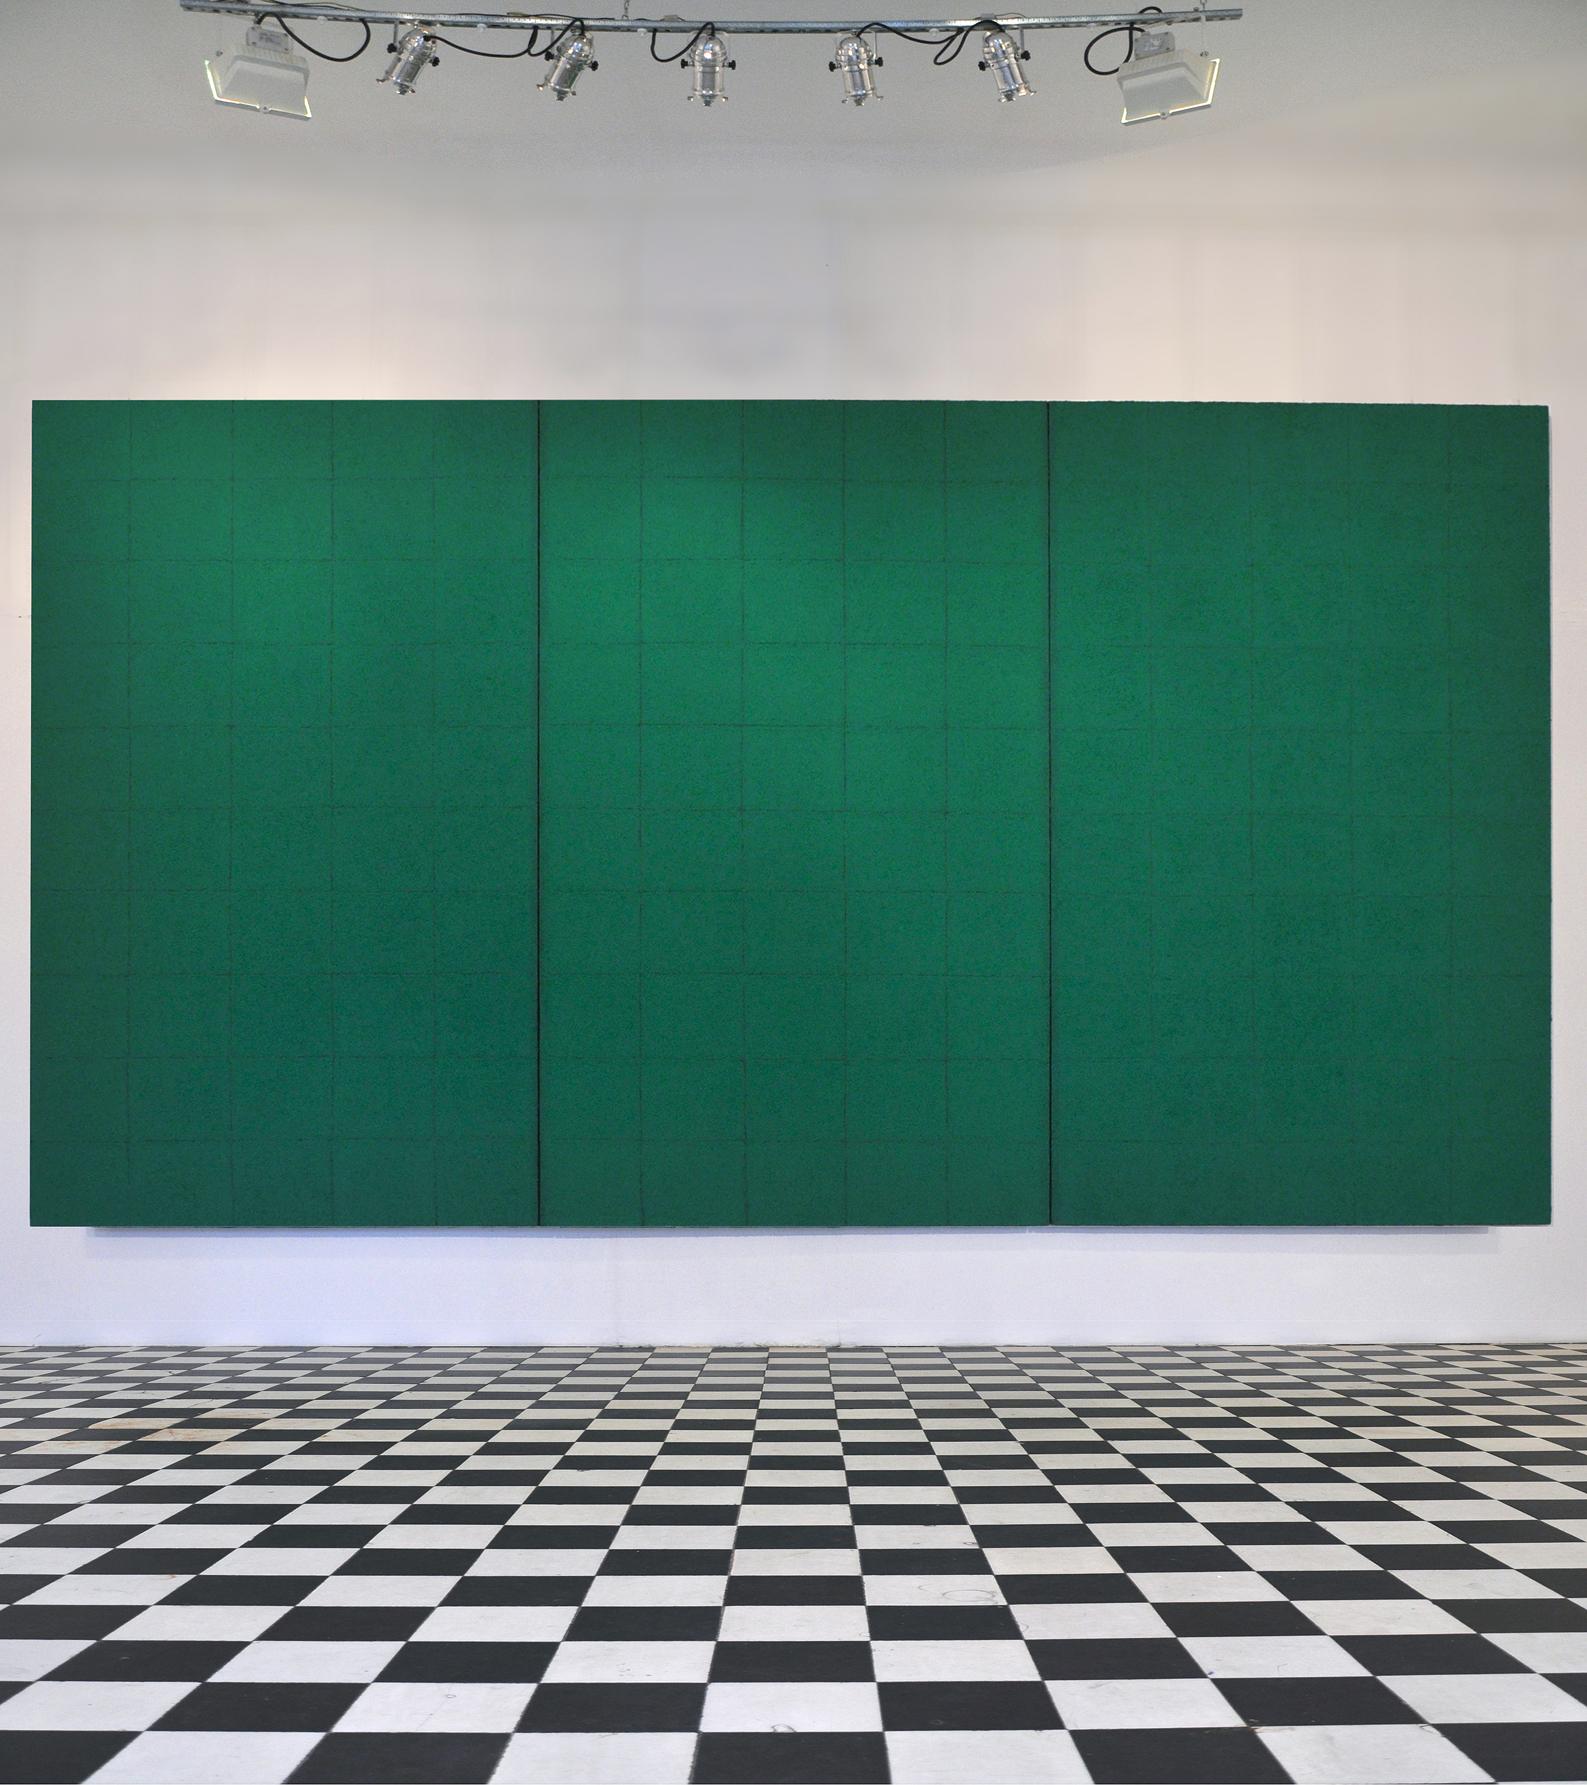 Tomasz Zawadzki, Bez tytułu, akryl,płótno, 200x375cm,2009,widok z wystawy Notatki na temat malarstwa,Galeria Wystawa, Warszawa,2010